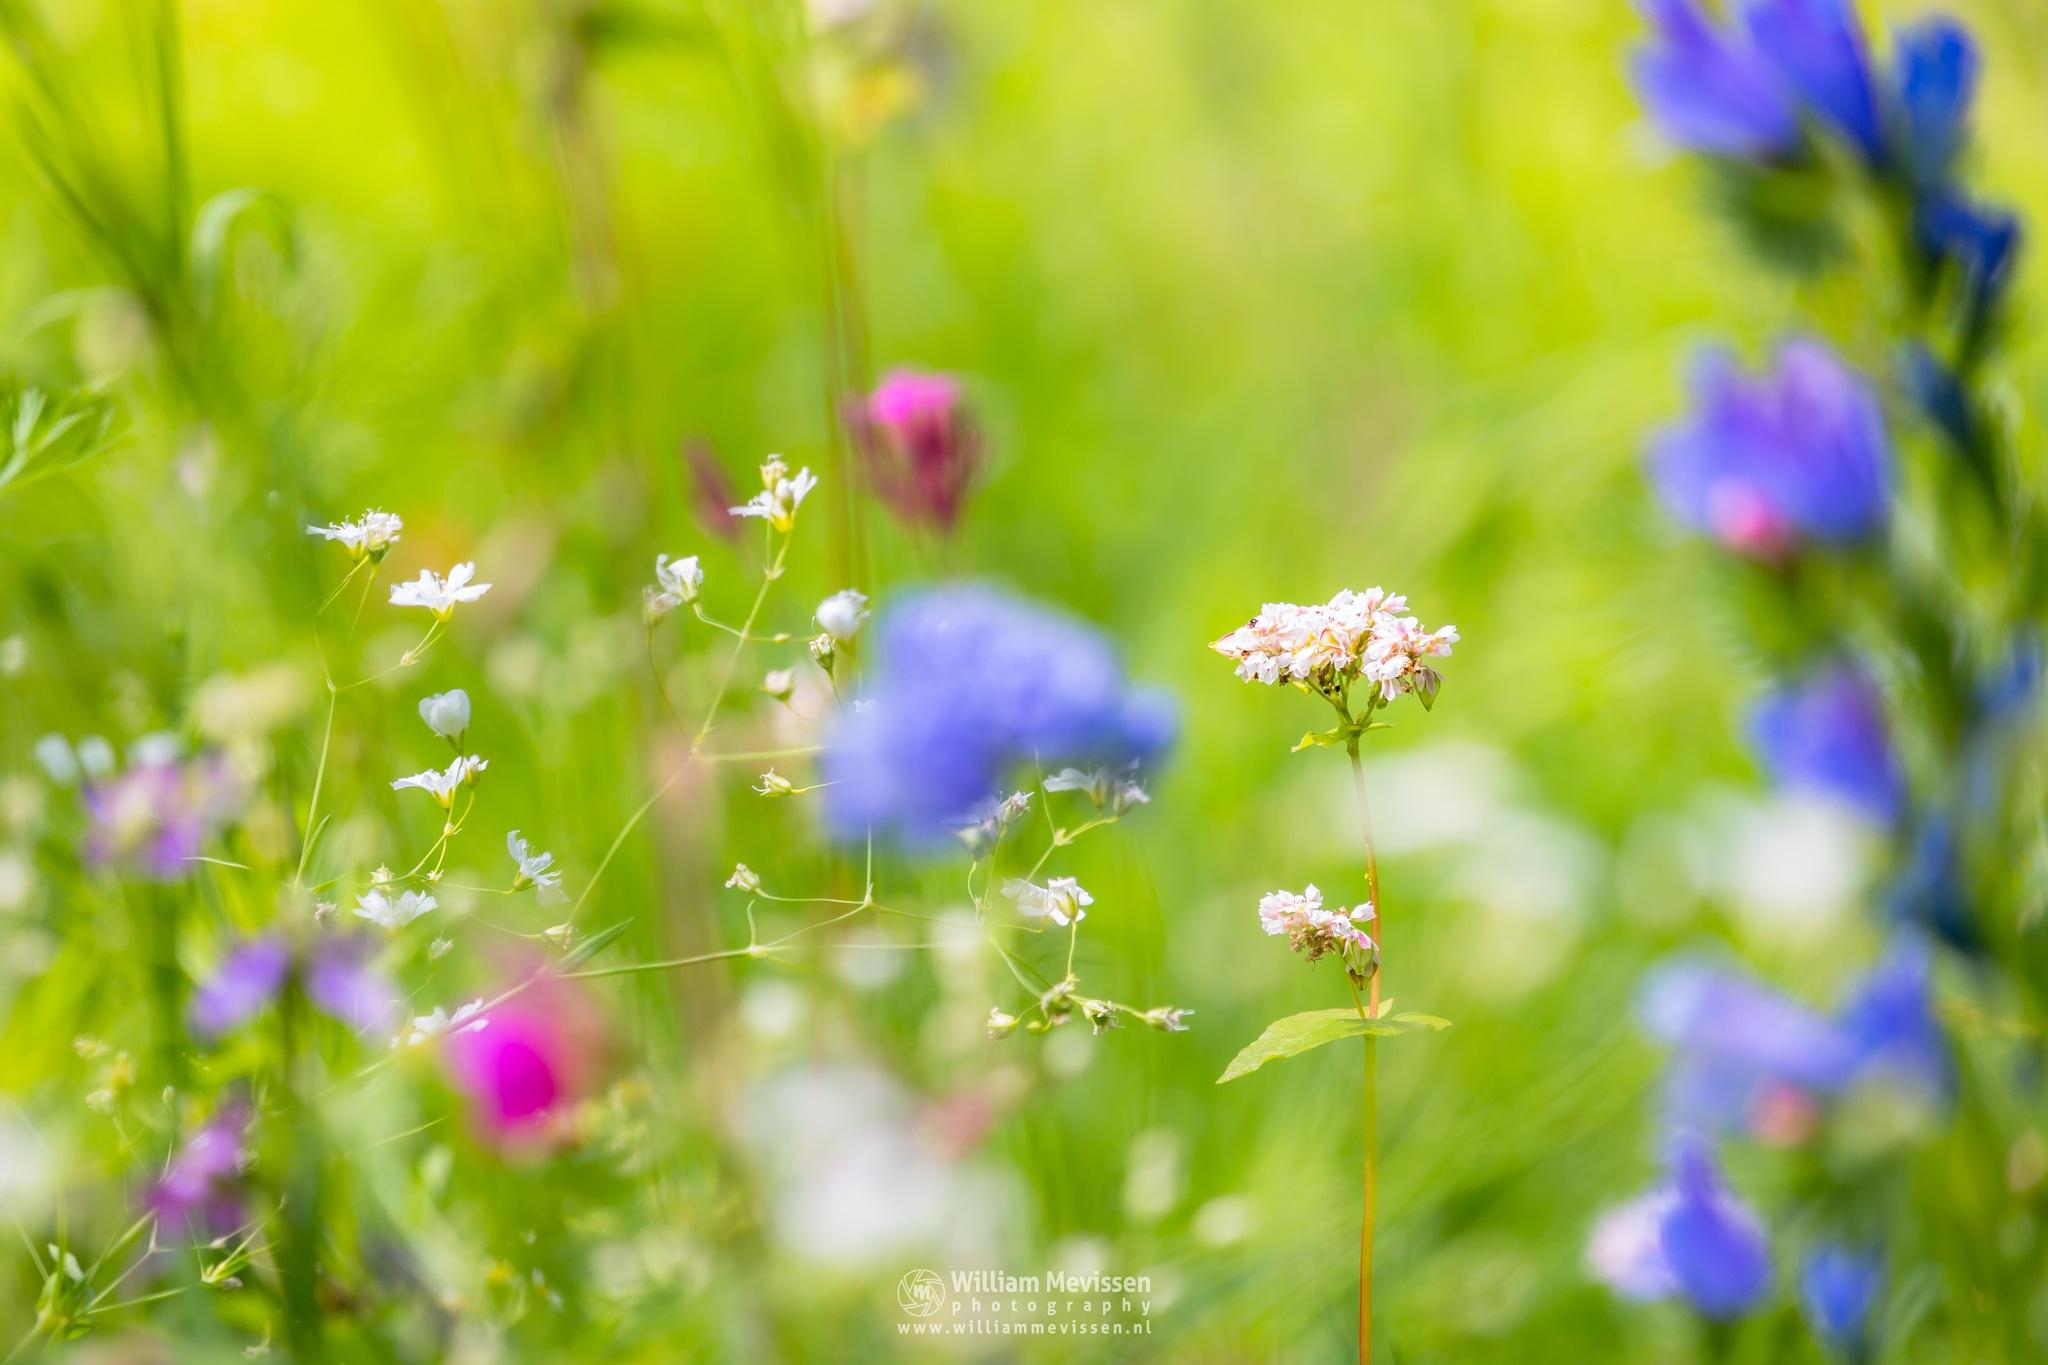 Spring Impression by William Mevissen